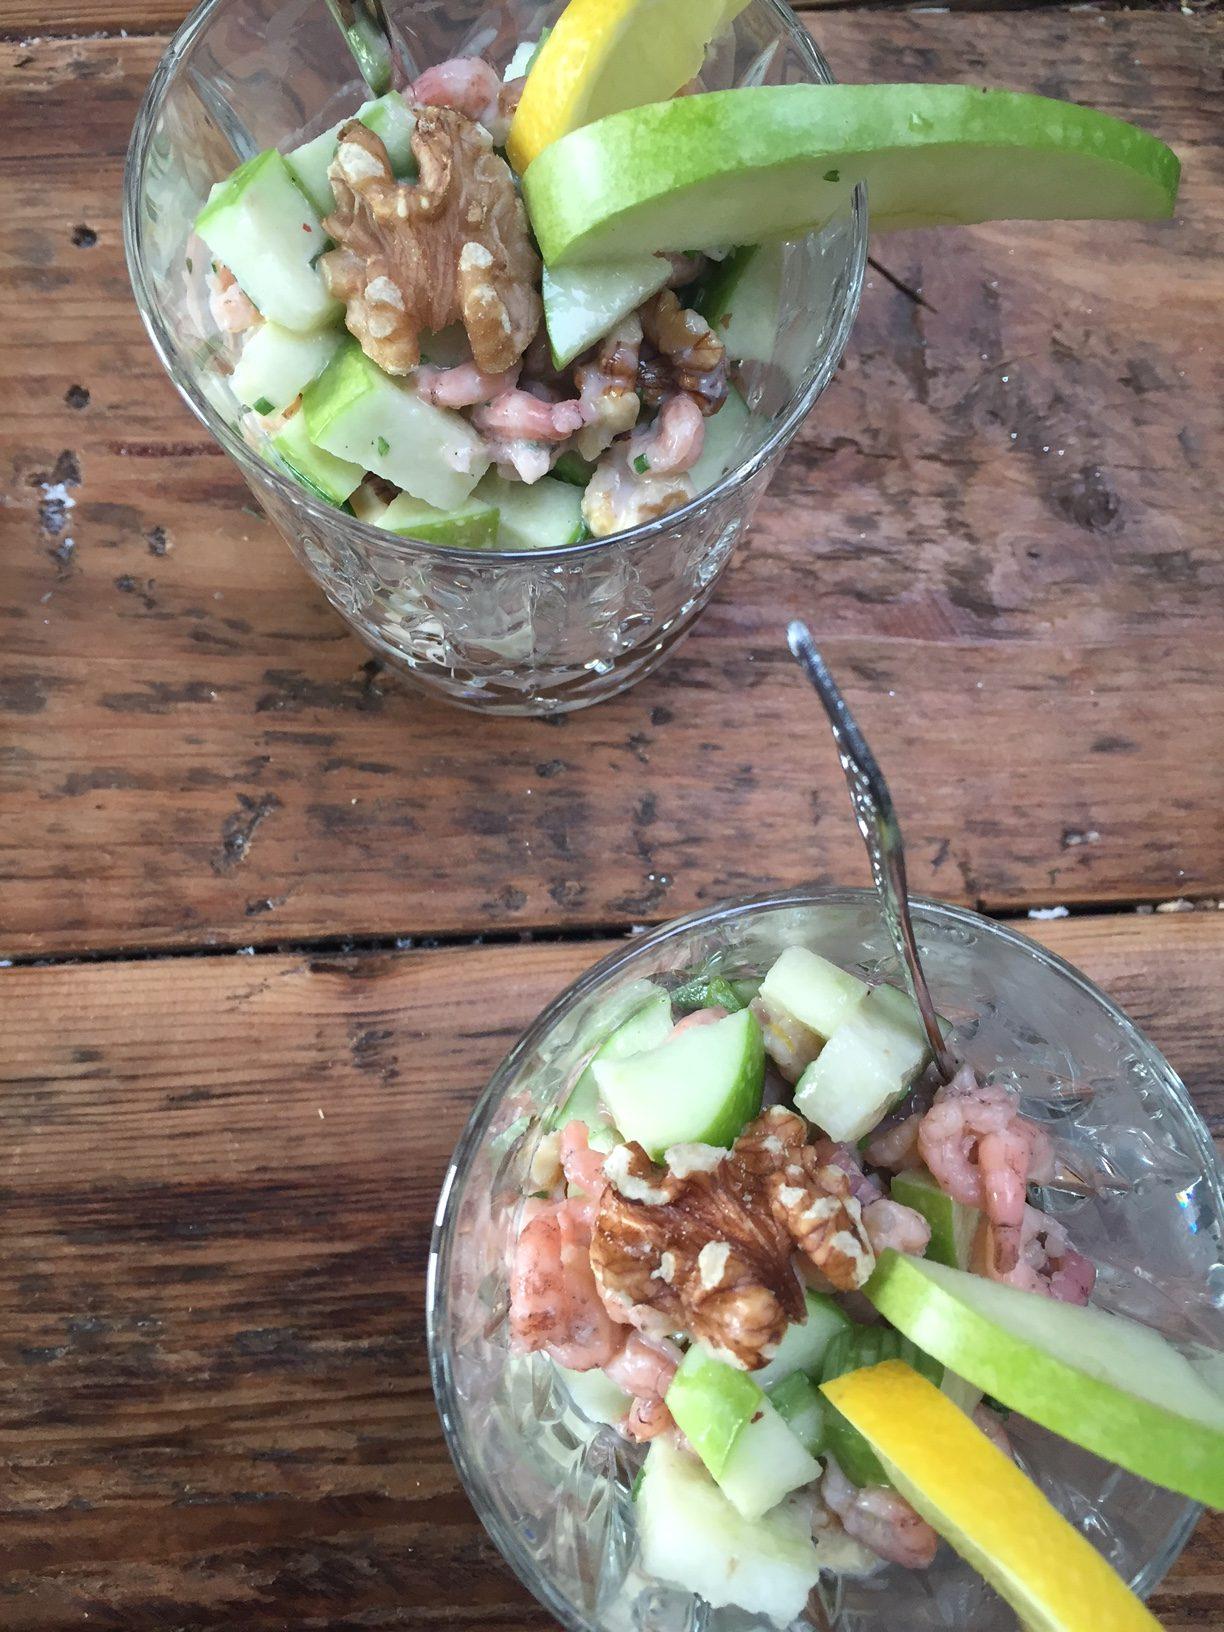 Frisse garnalencocktail met appel en walnoten gezonde kerstrecepten van Foodblog Foodinista